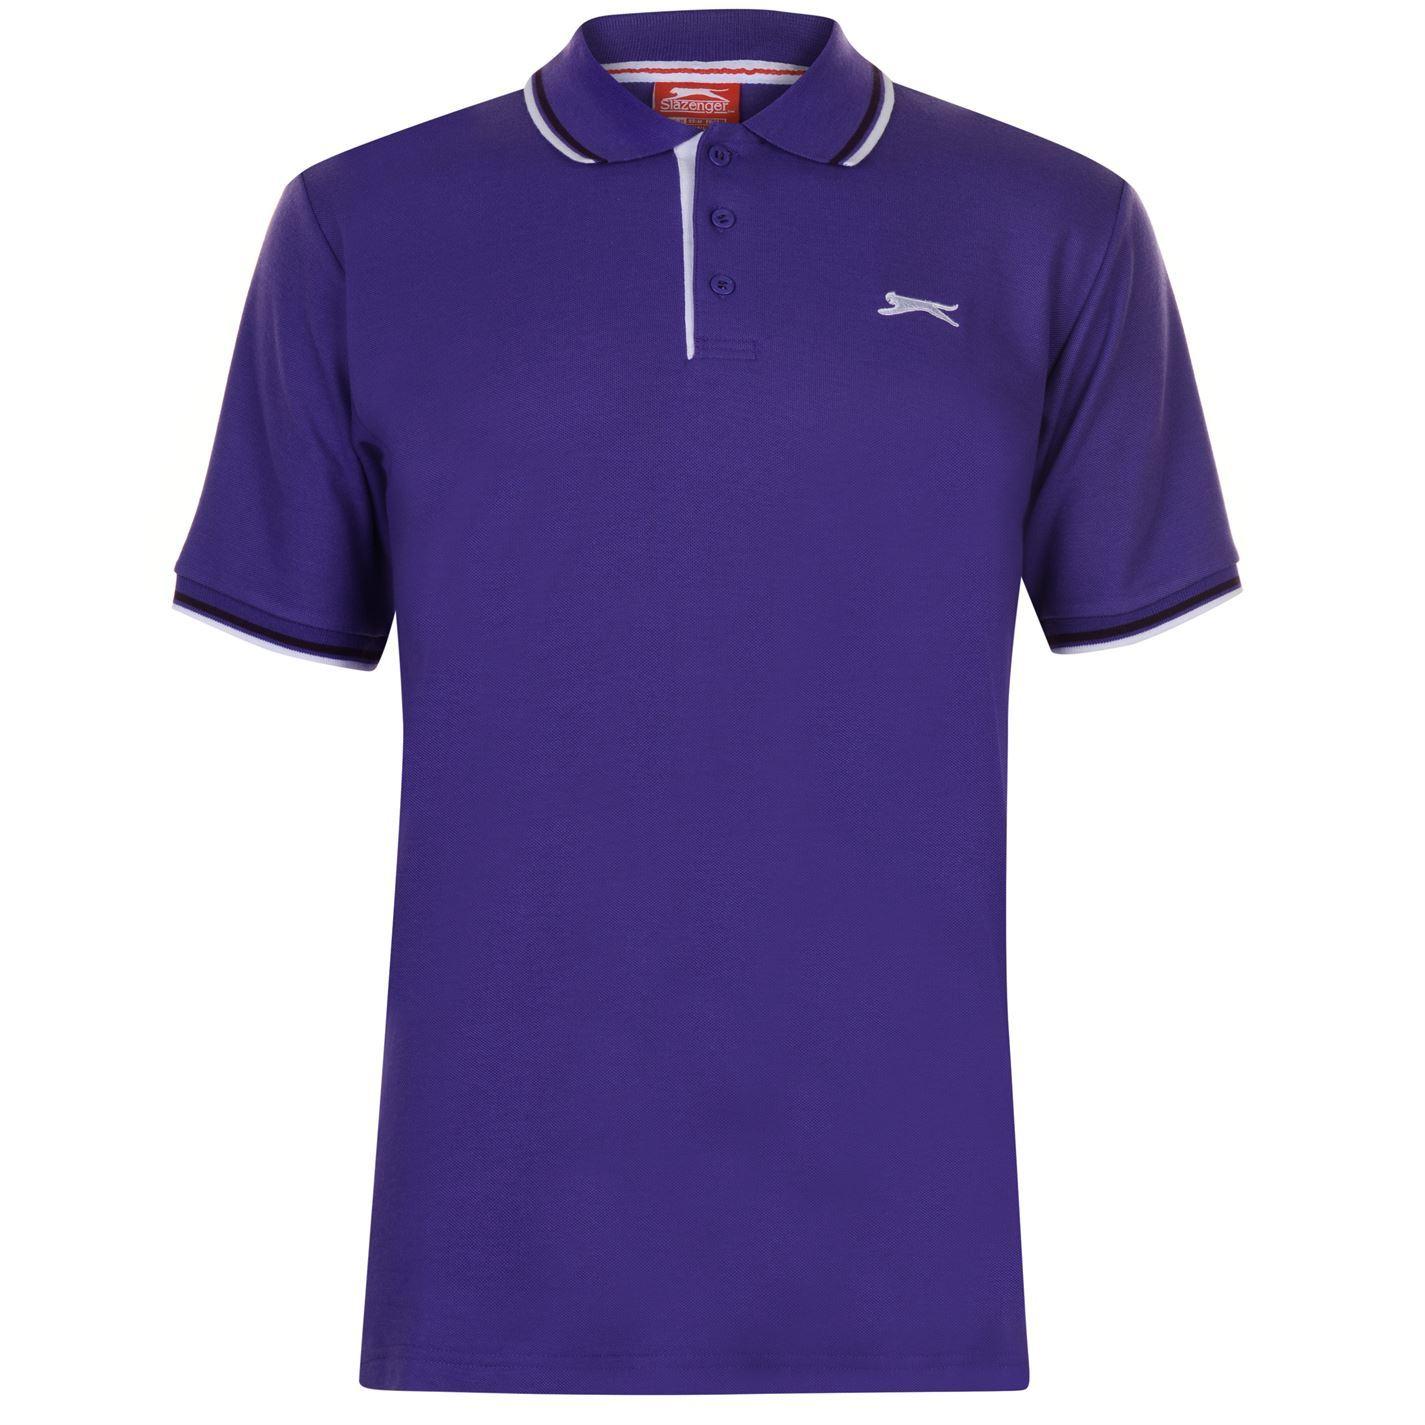 Slazenger-Polo-Camisa-de-hombre-con-cuello-con-Punta-T-Shirt-Top-Camiseta-Tee miniatura 64